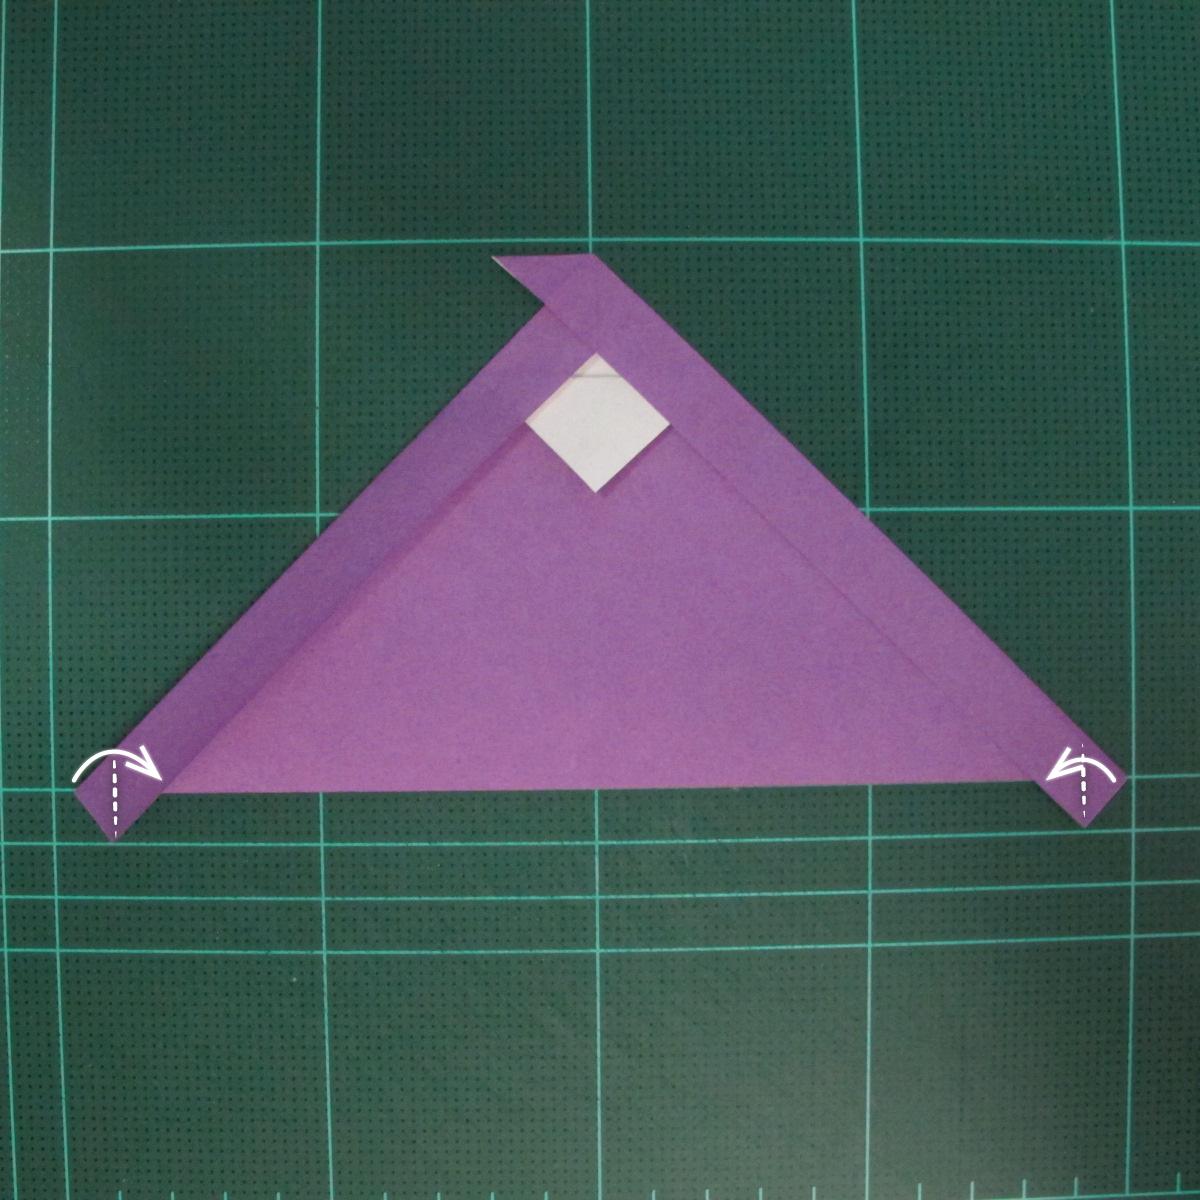 การพับกระดาษเป็นรูปแม่ชี (Origami Nun) 004